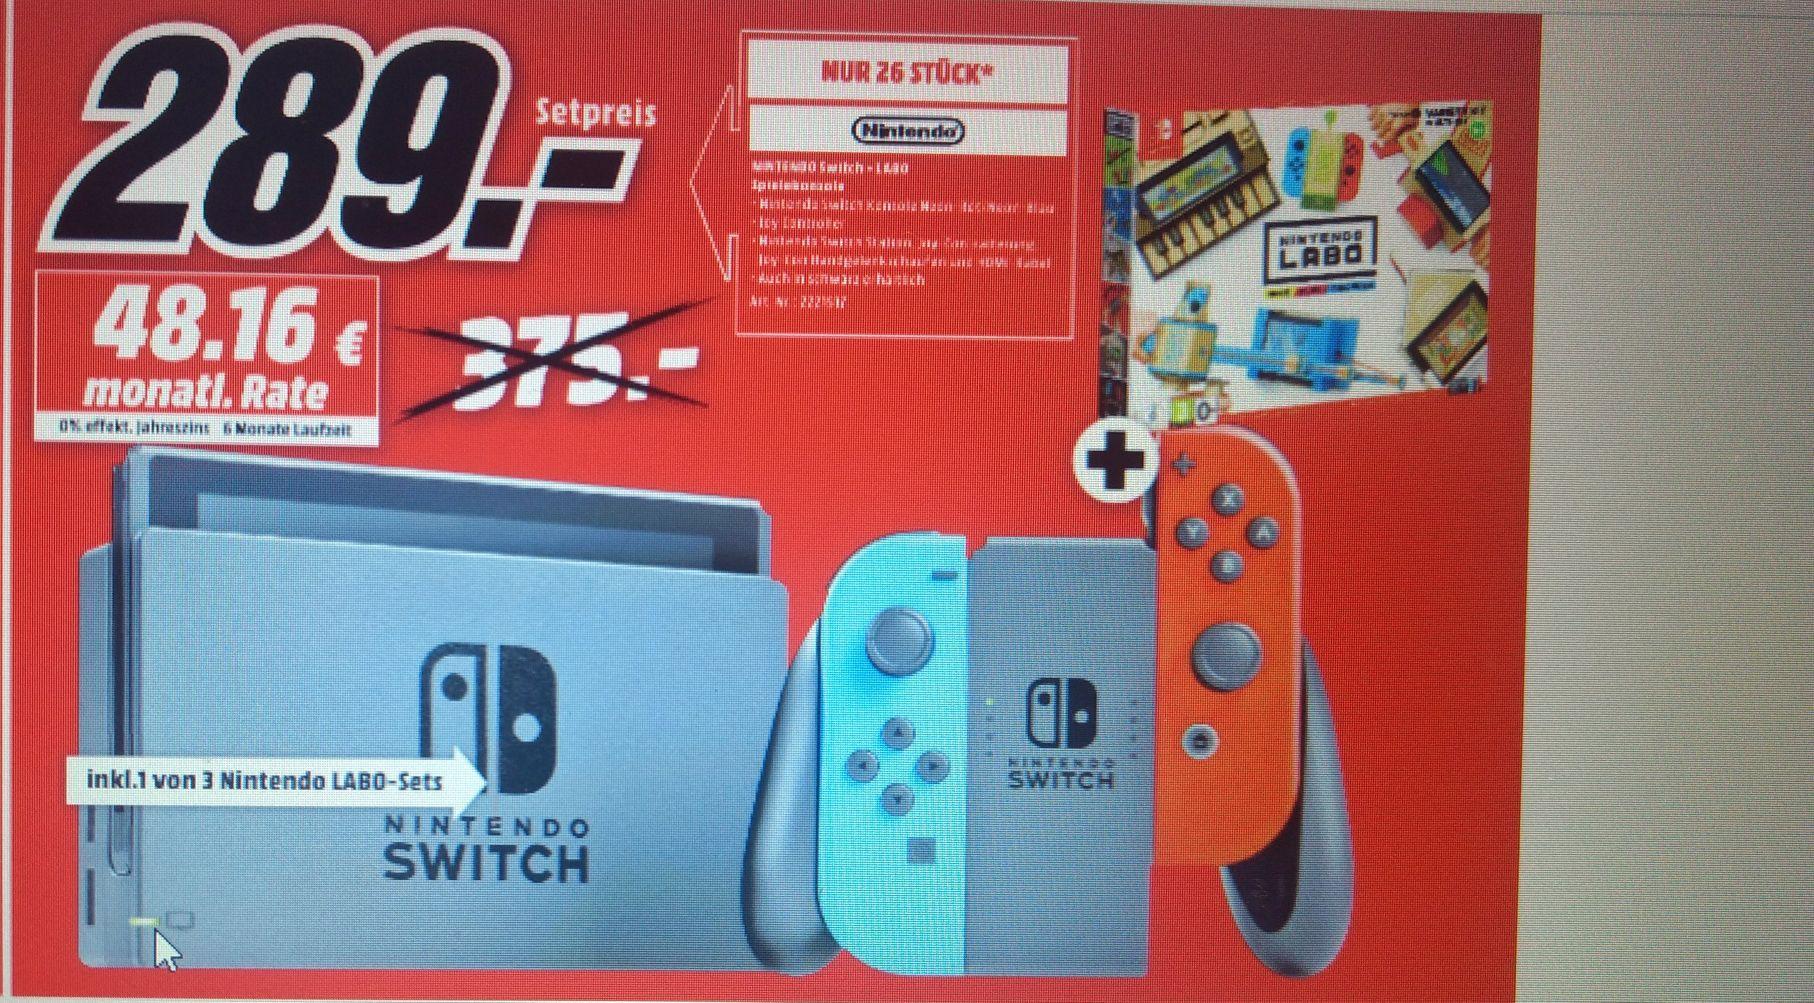 Nintendo Switch Neon Rotneon Blau Nintendo Labo Lokal Mediamarkt